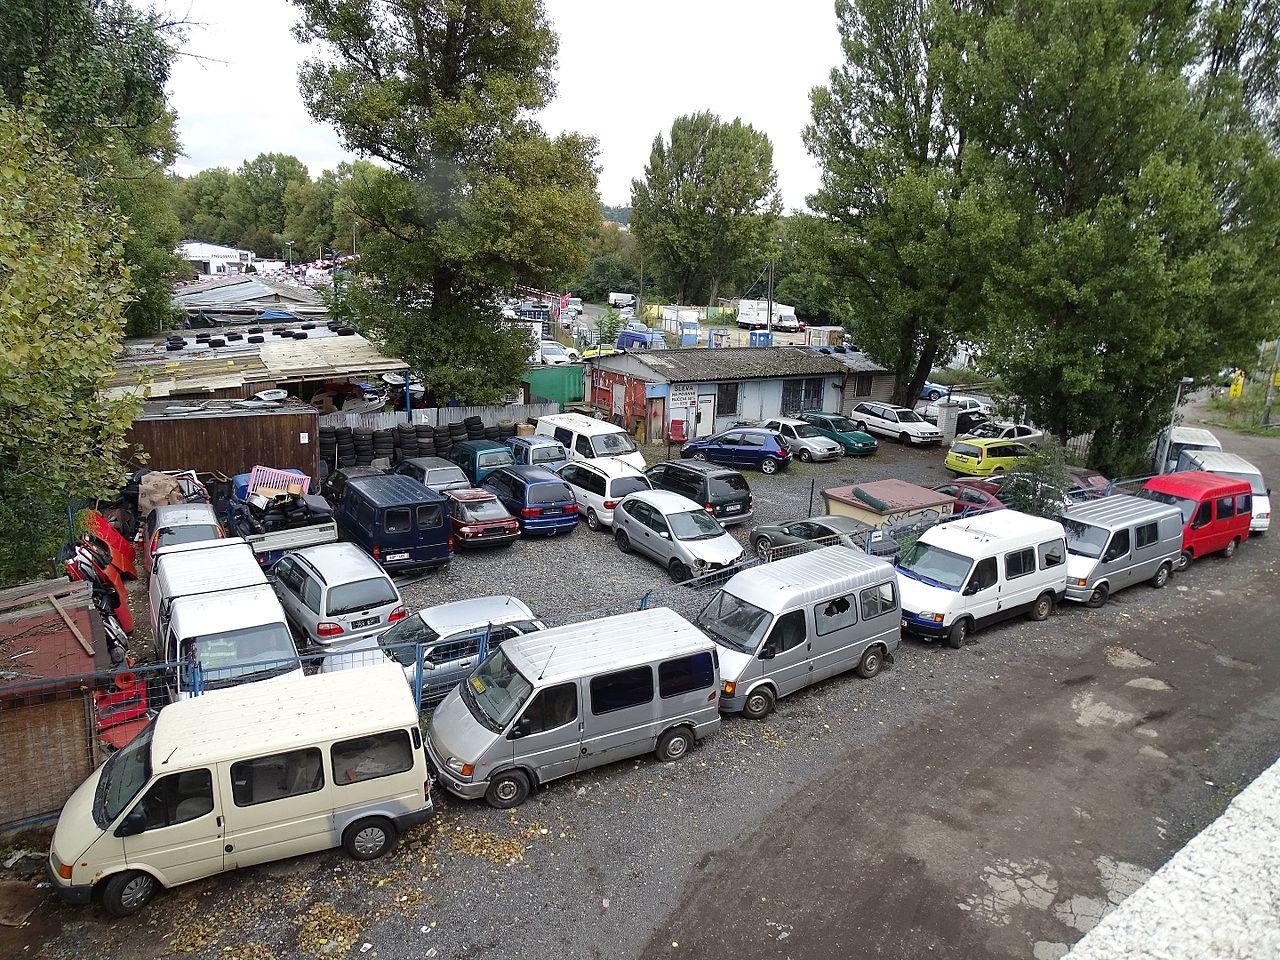 Chcete prodat či koupit vůz? Ideální možností je online autobazar